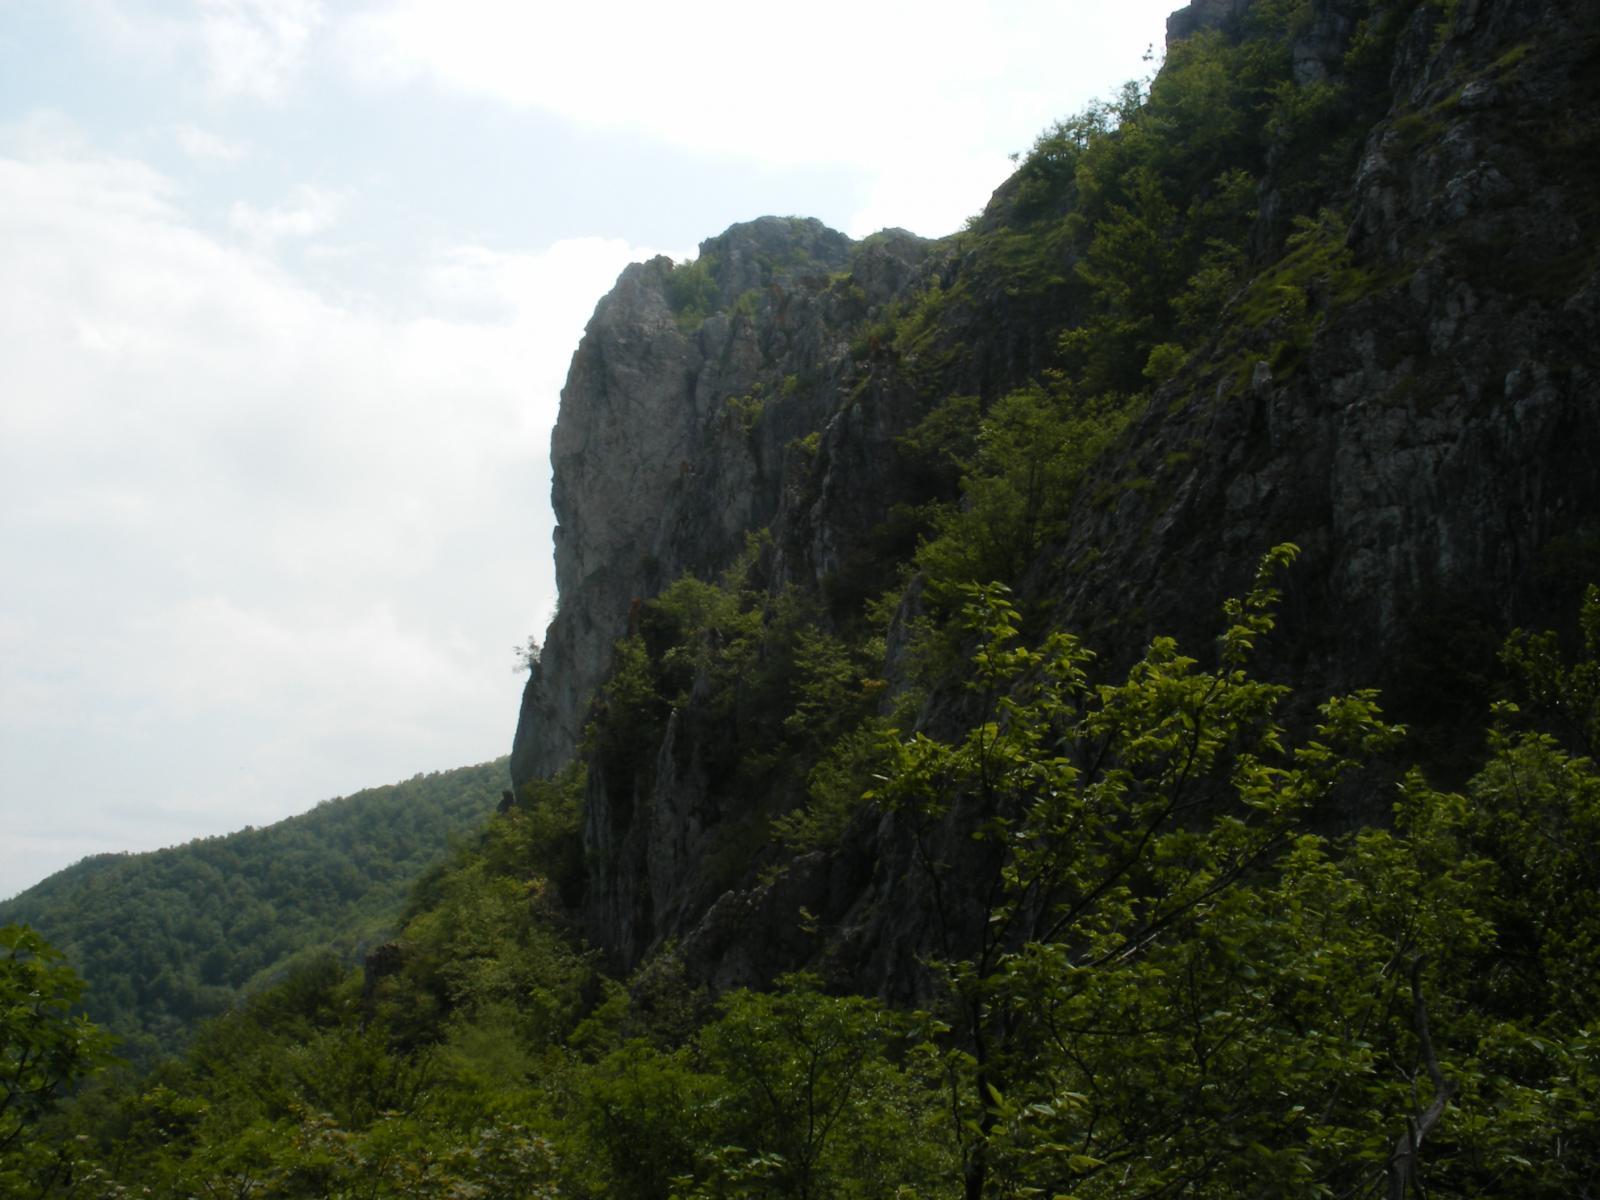 Barbena (Rocca) da Cisano sul Neva, traversata a Zuccarello per Poggio Ceresa e Poggio Grande 2014-06-02